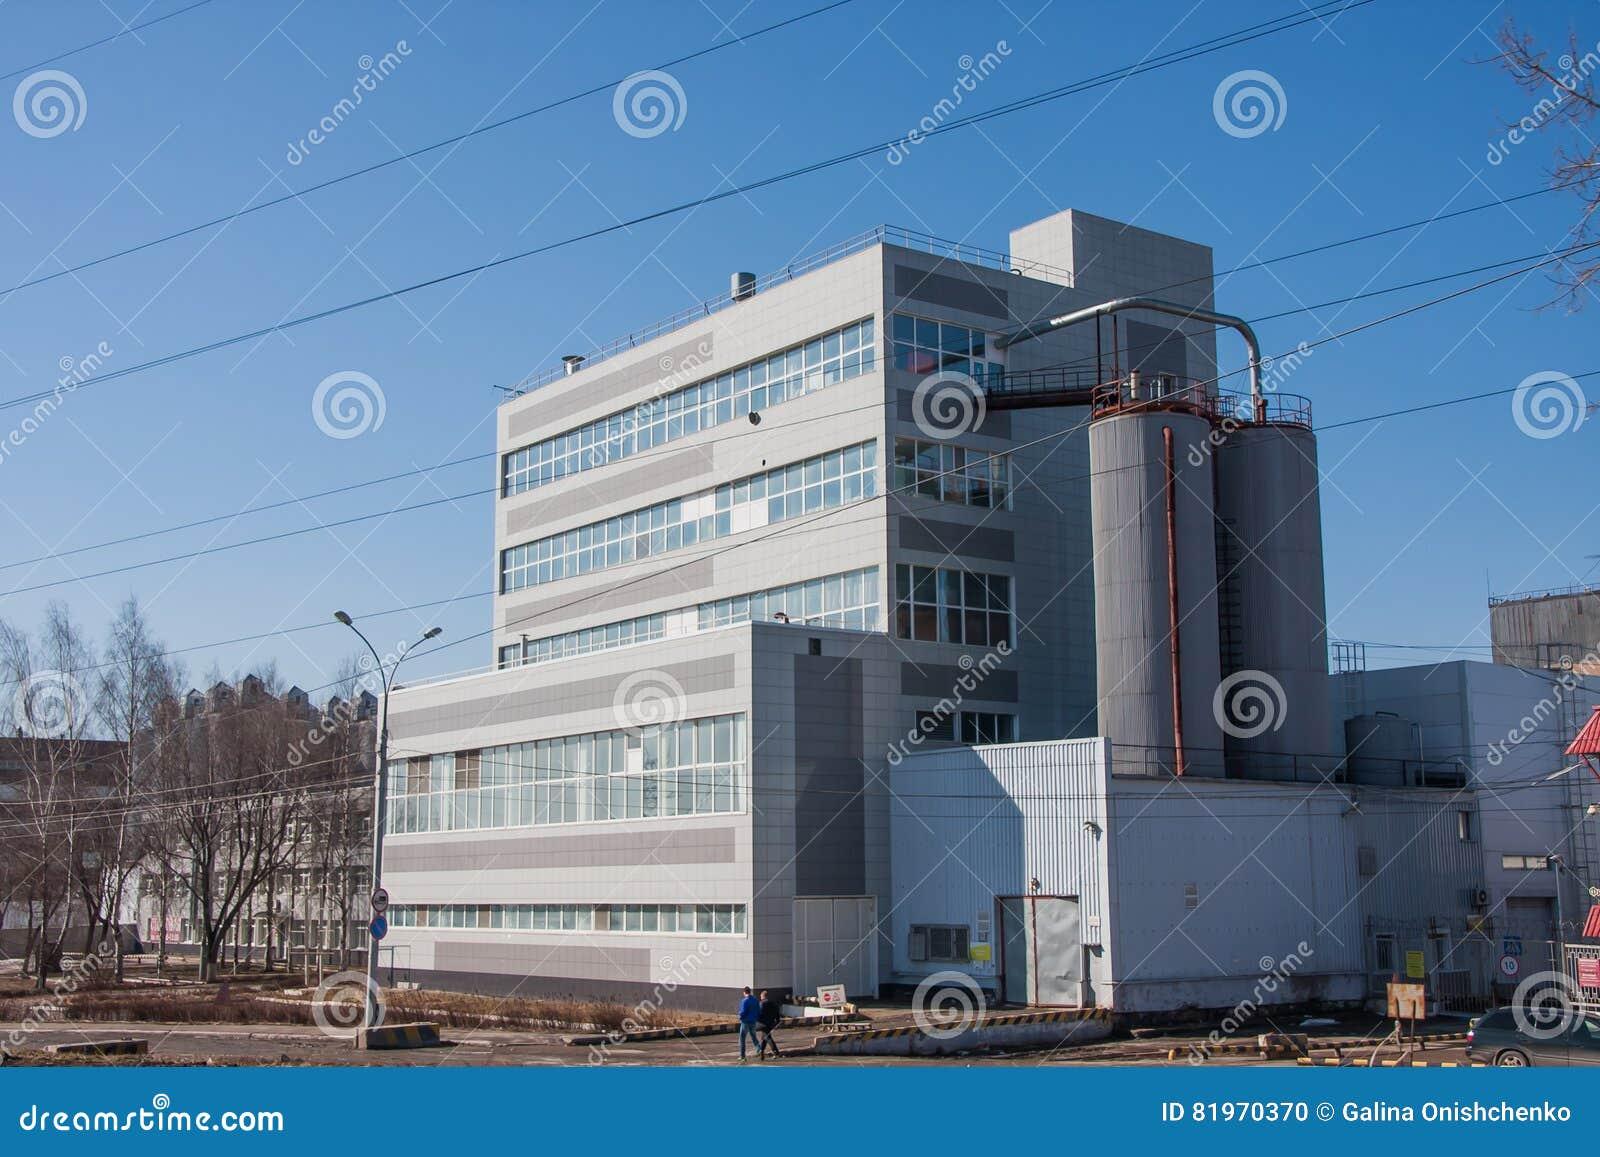 perm, russie - 16 avril 2016 : nouveau bâtiment industriel moderne